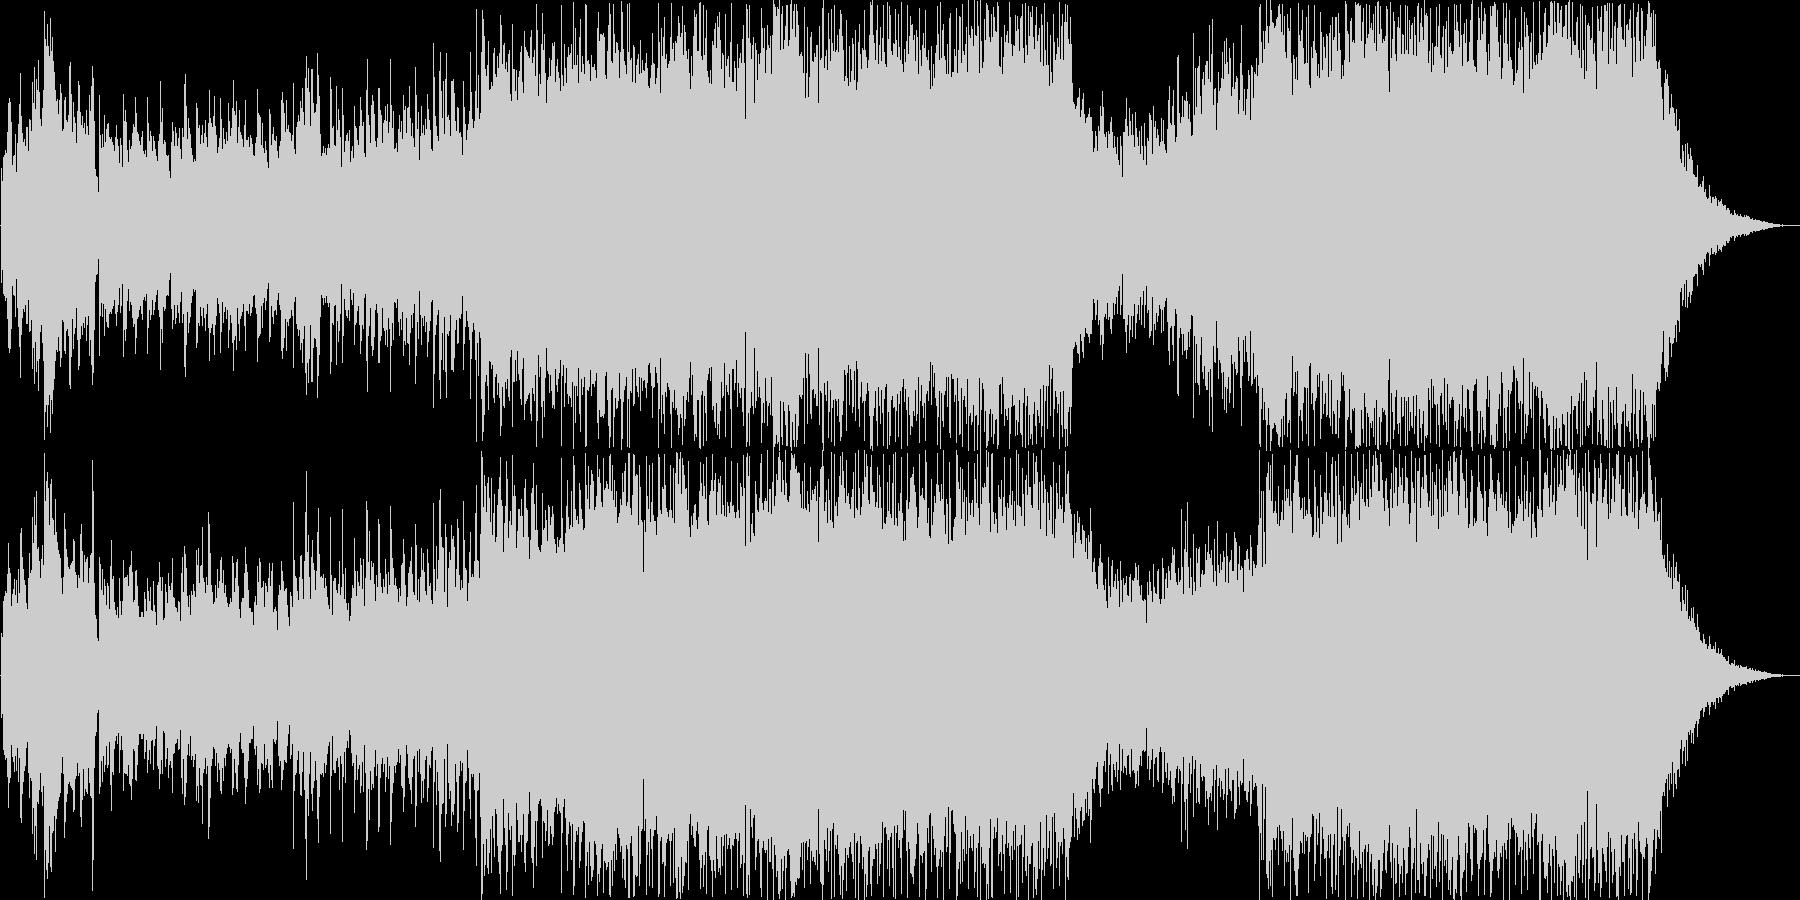 パッヘルベルのカノン ギターアレンジ版の未再生の波形